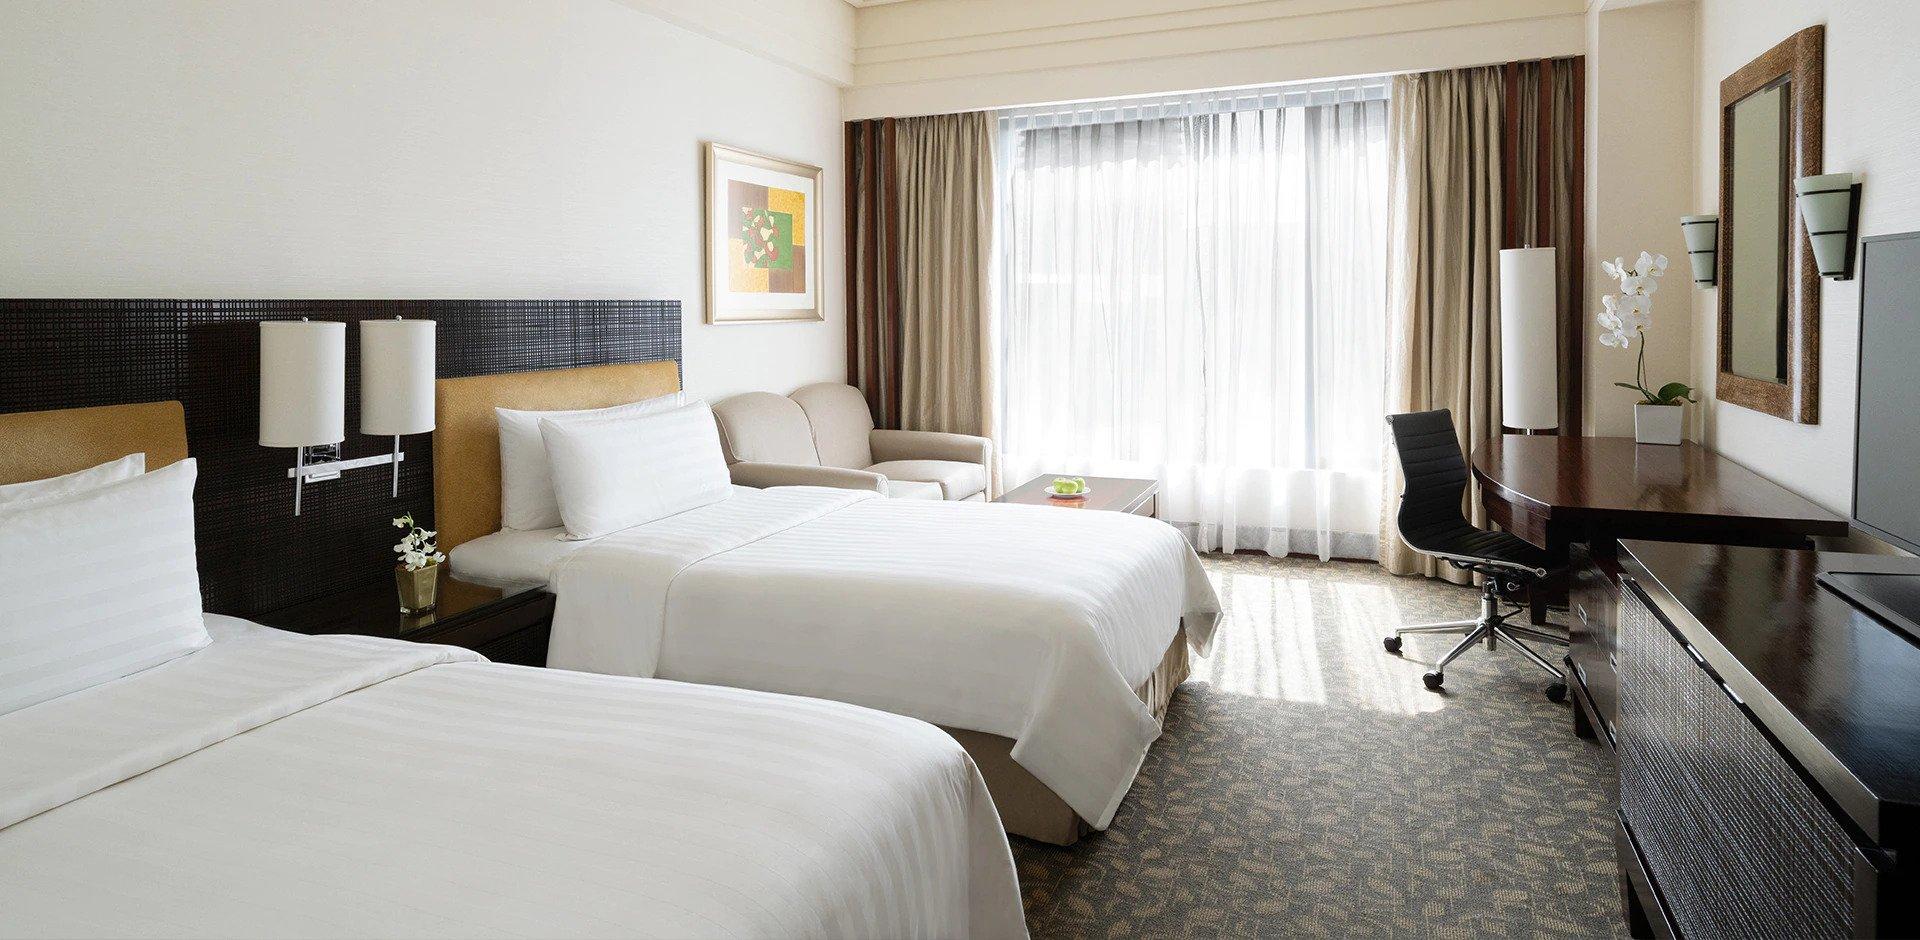 Garden deluxe room in Shangri-la EDSA Hotel